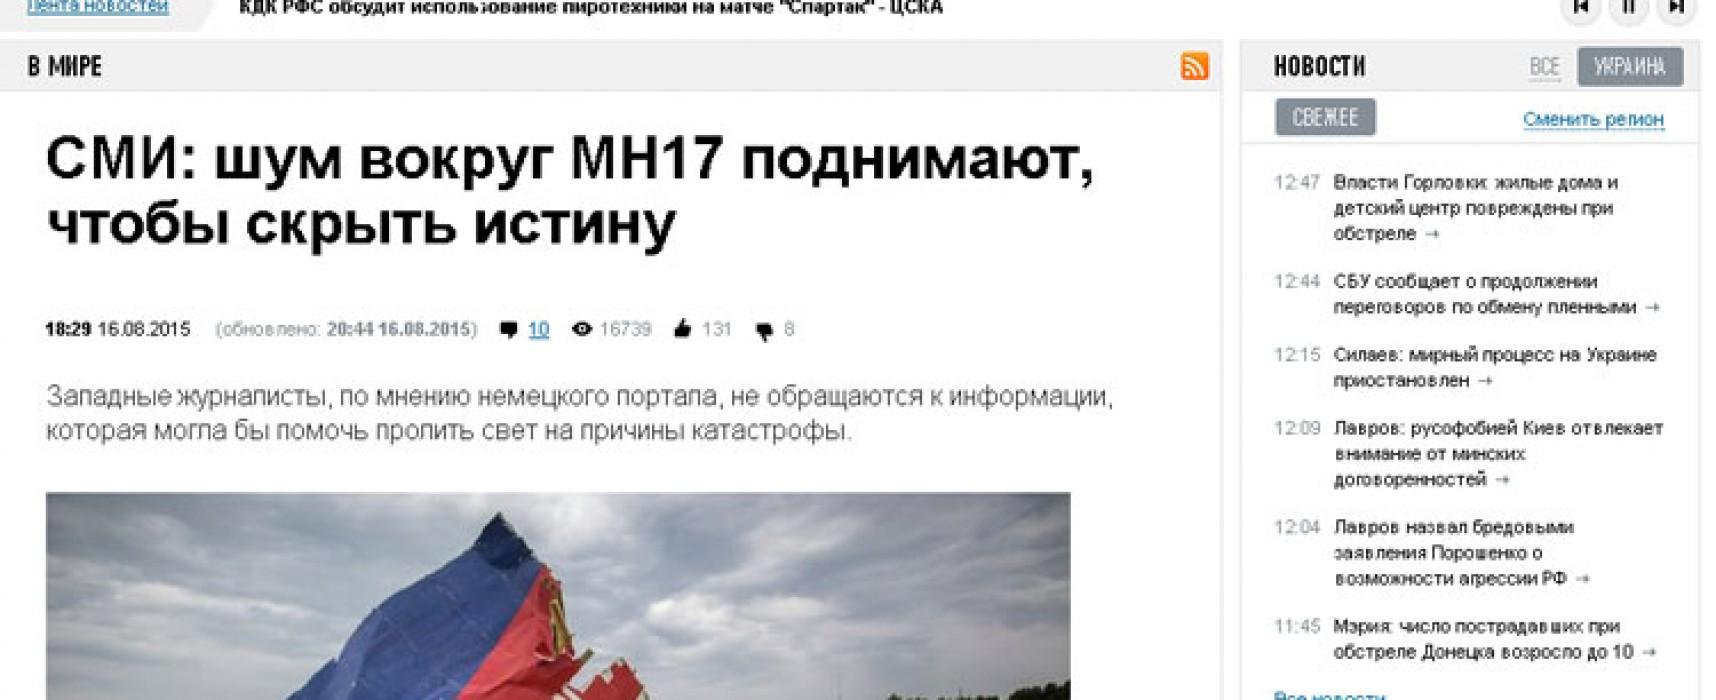 Los medios rusos mostraron la nota de un blog como si fuera una fuente oficial alemana